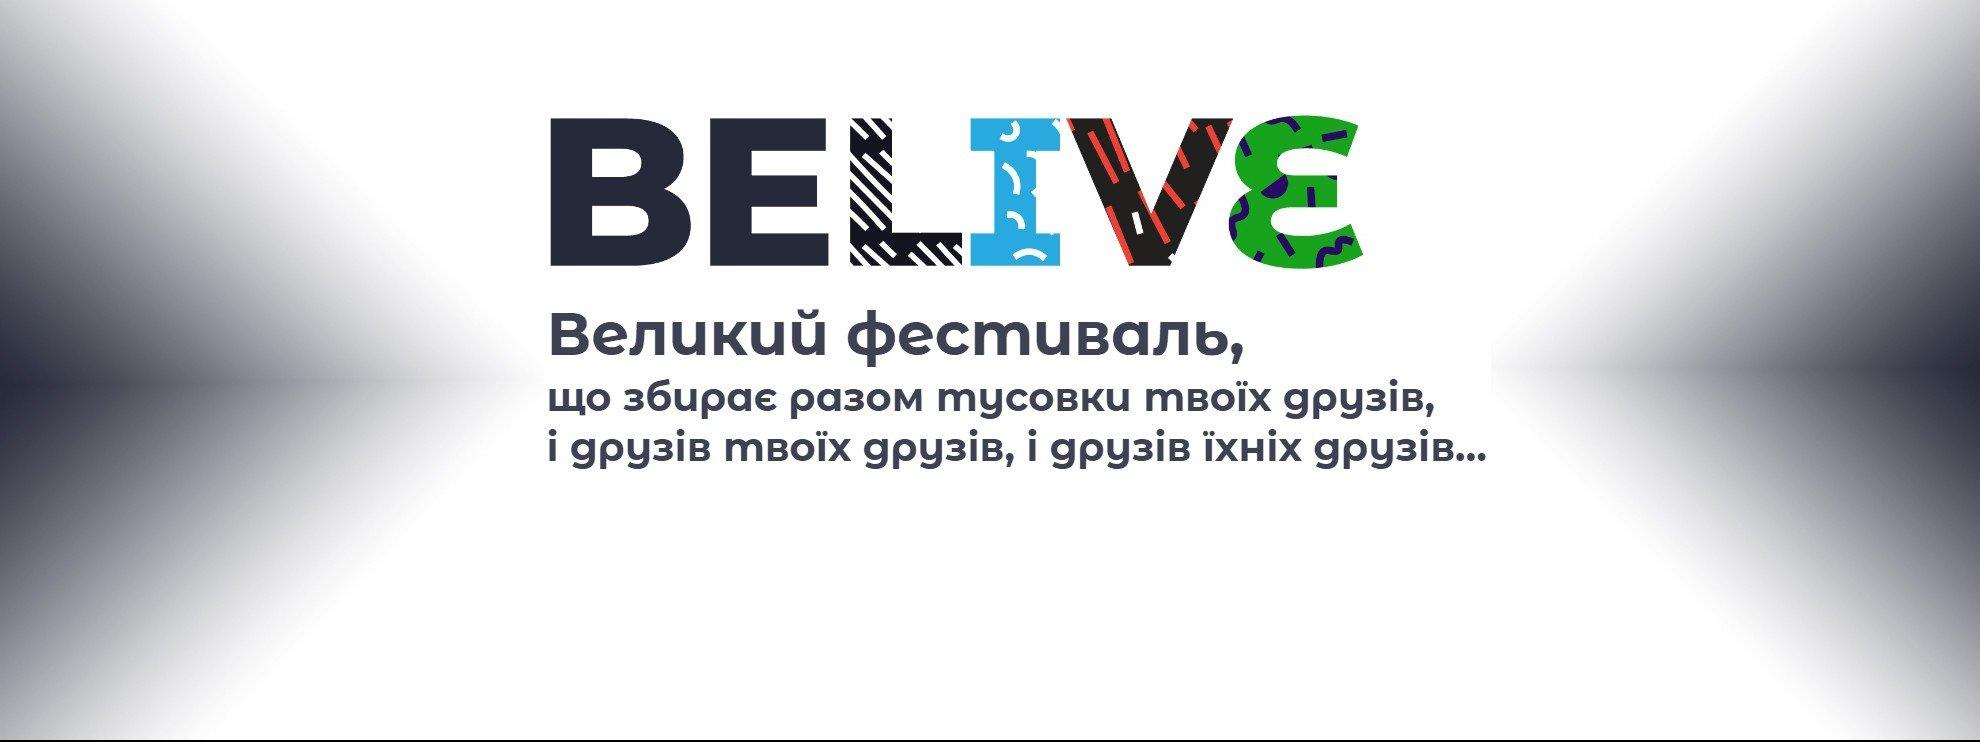 исполнитель Фестиваль BeLive (БиЛив)